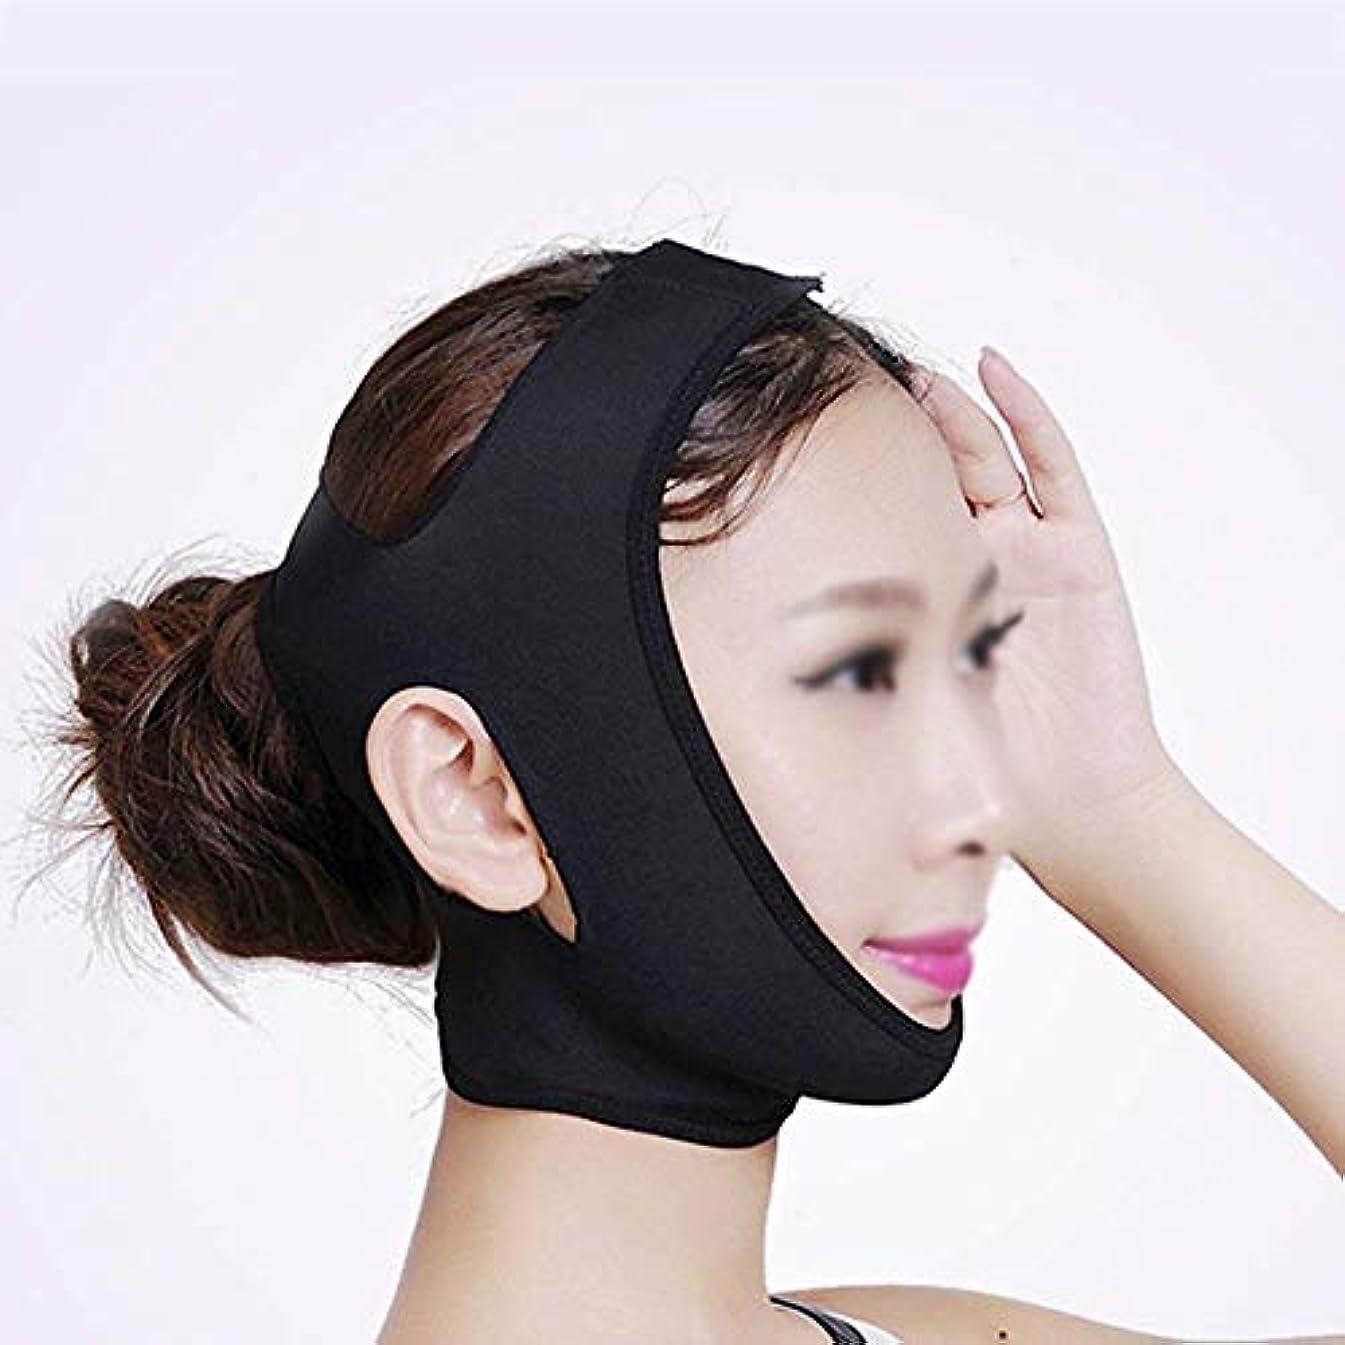 絡まる障害ベッドを作るフェイシャル減量マスクリフティングフェイス、フェイスマスク、減量包帯を除去するためのダブルチン、フェイシャルリフティング包帯、ダブルチンを減らすためのリフティングベルト(カラー:ブラック、サイズ:M),黒、L